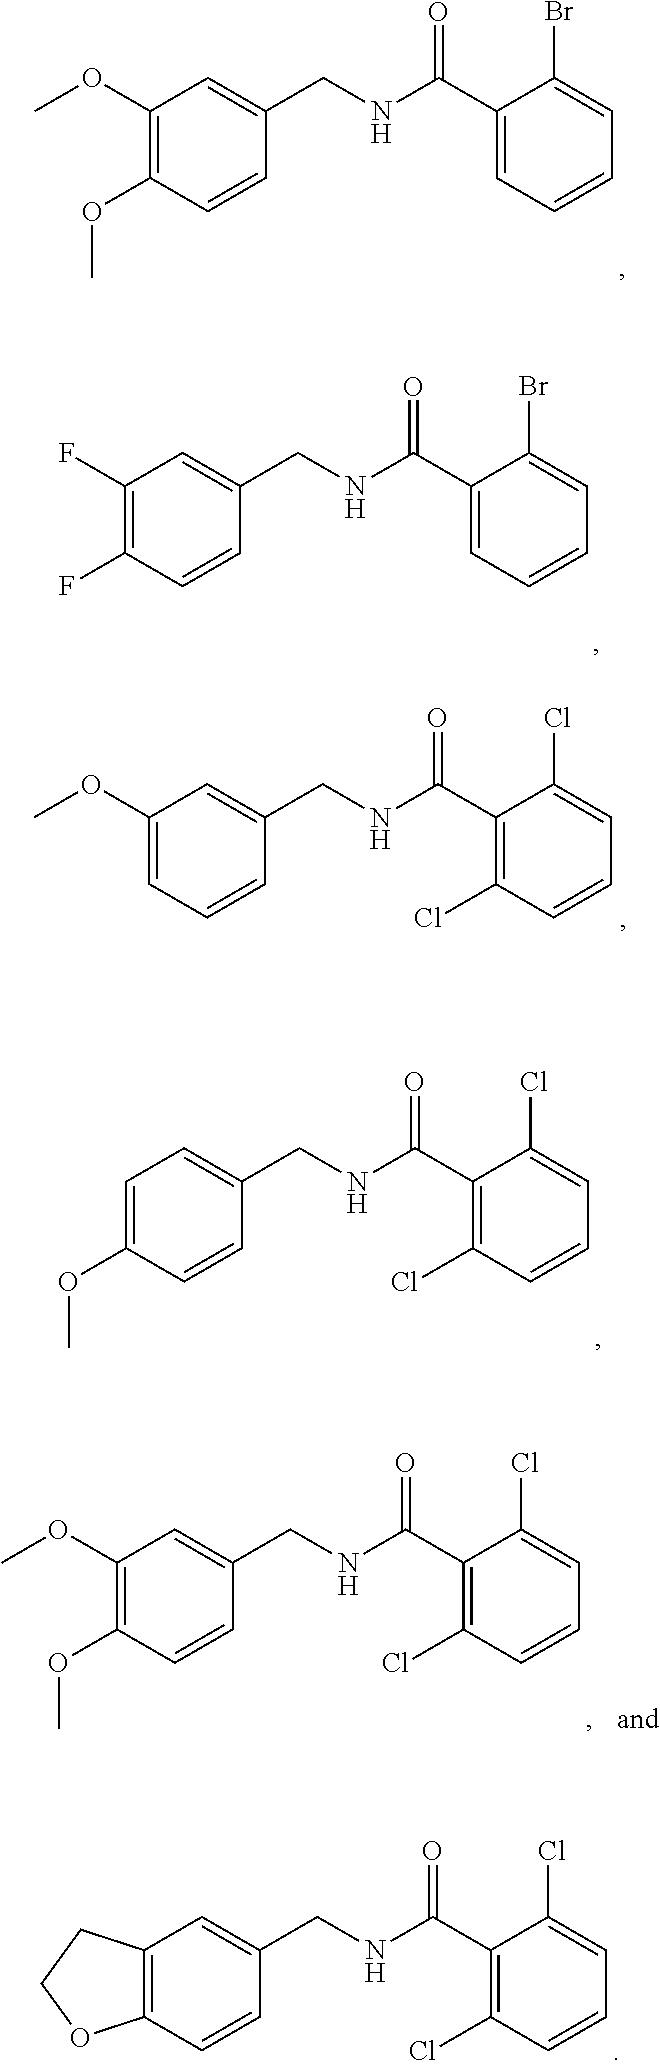 Figure US09670162-20170606-C00026